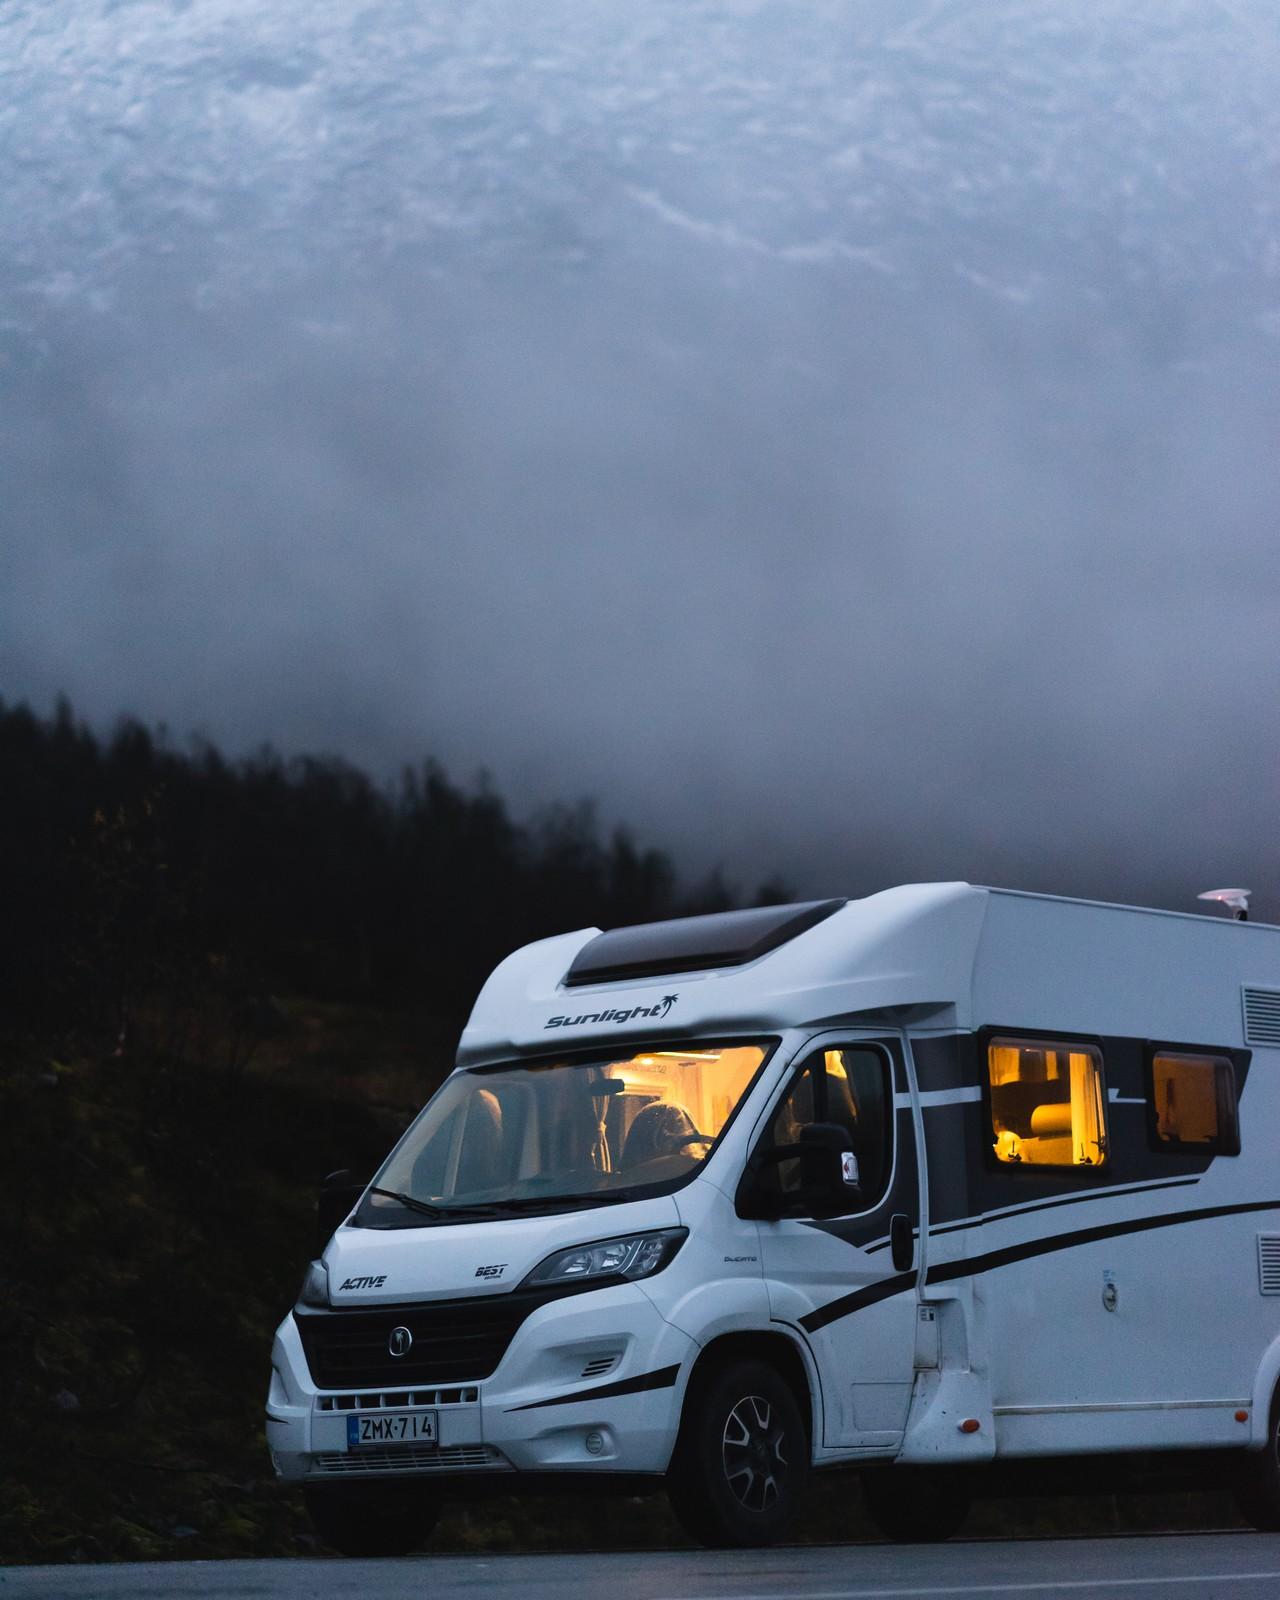 Laura ja ystävät lähtivät Sunlight matkailuautolla työmatkalle Norjaan.